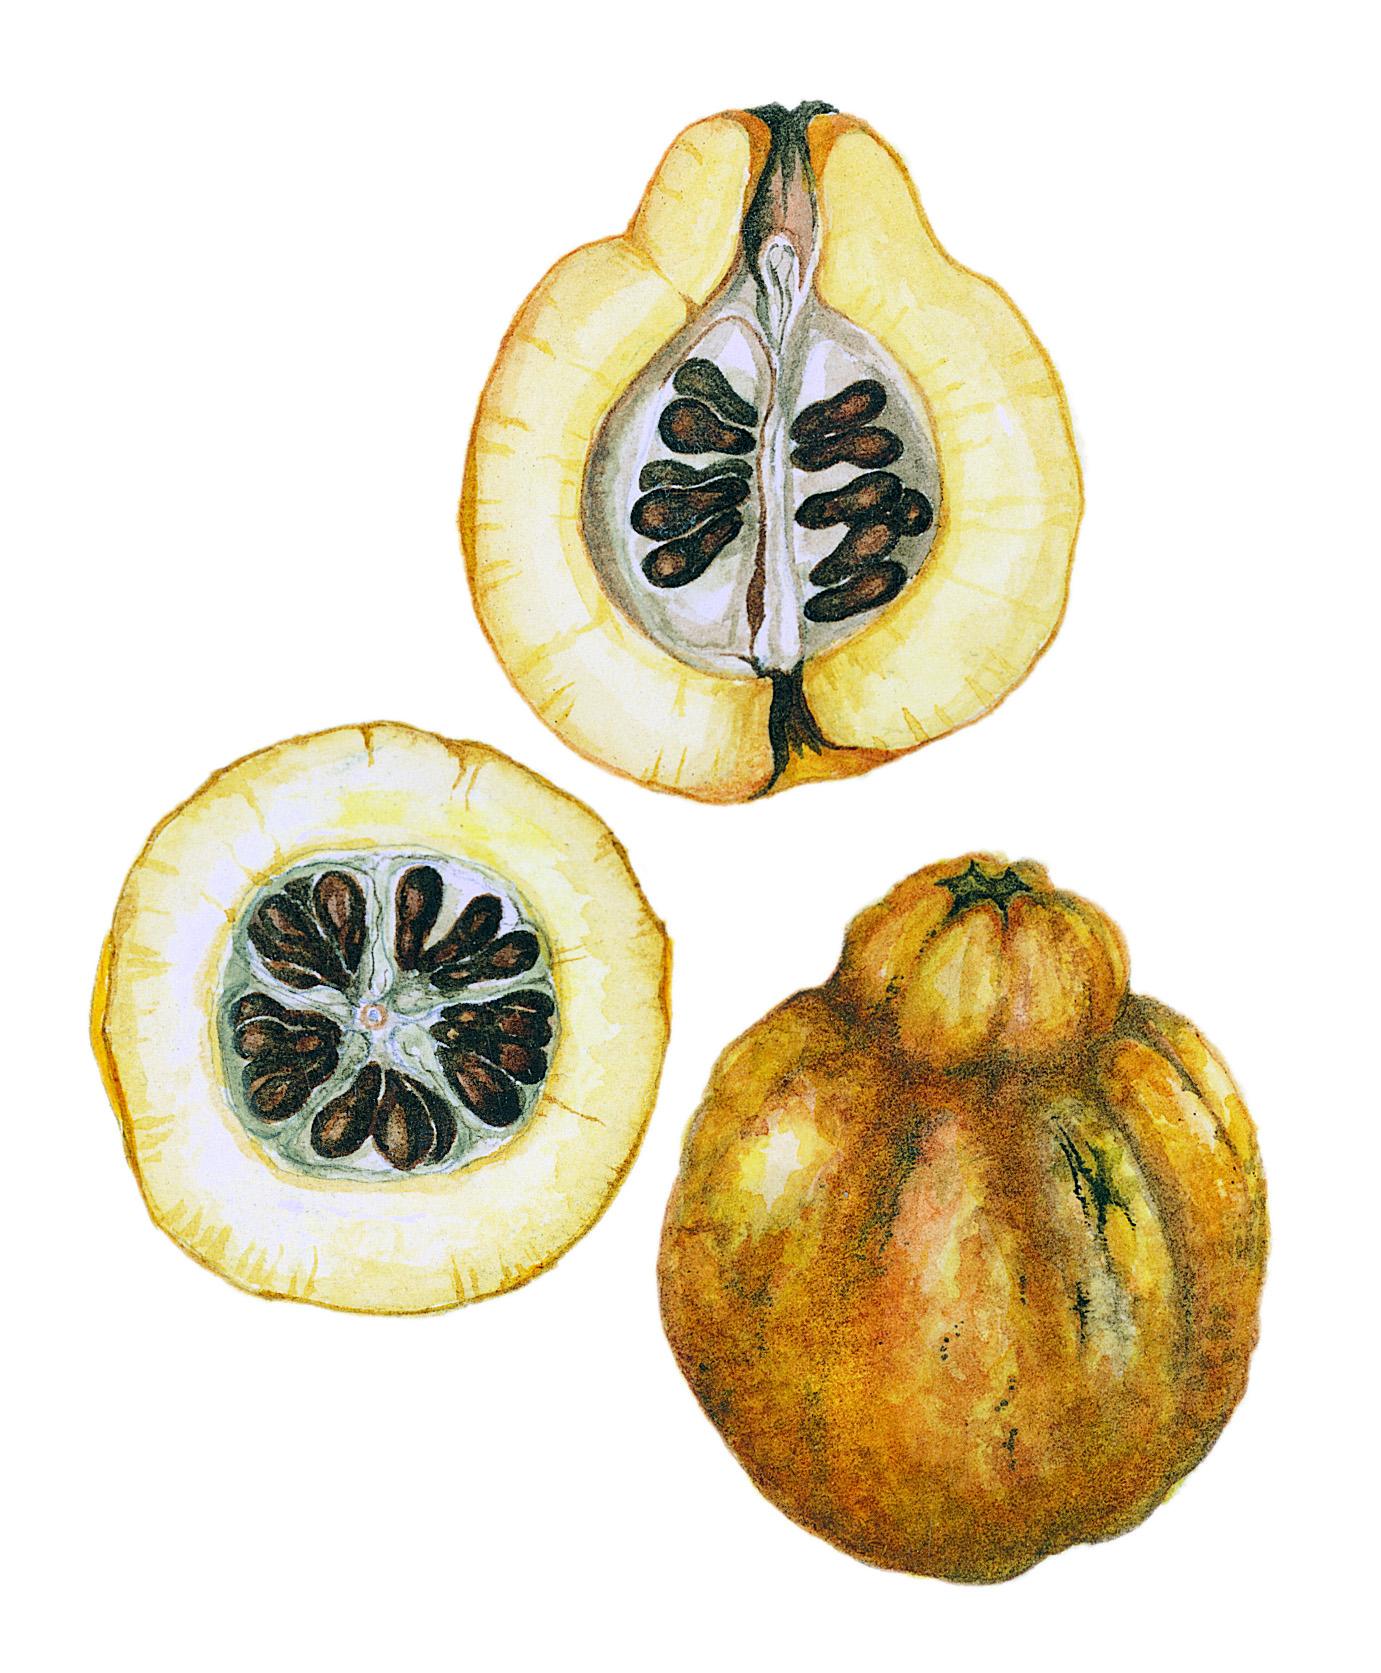 Japonica Fruit